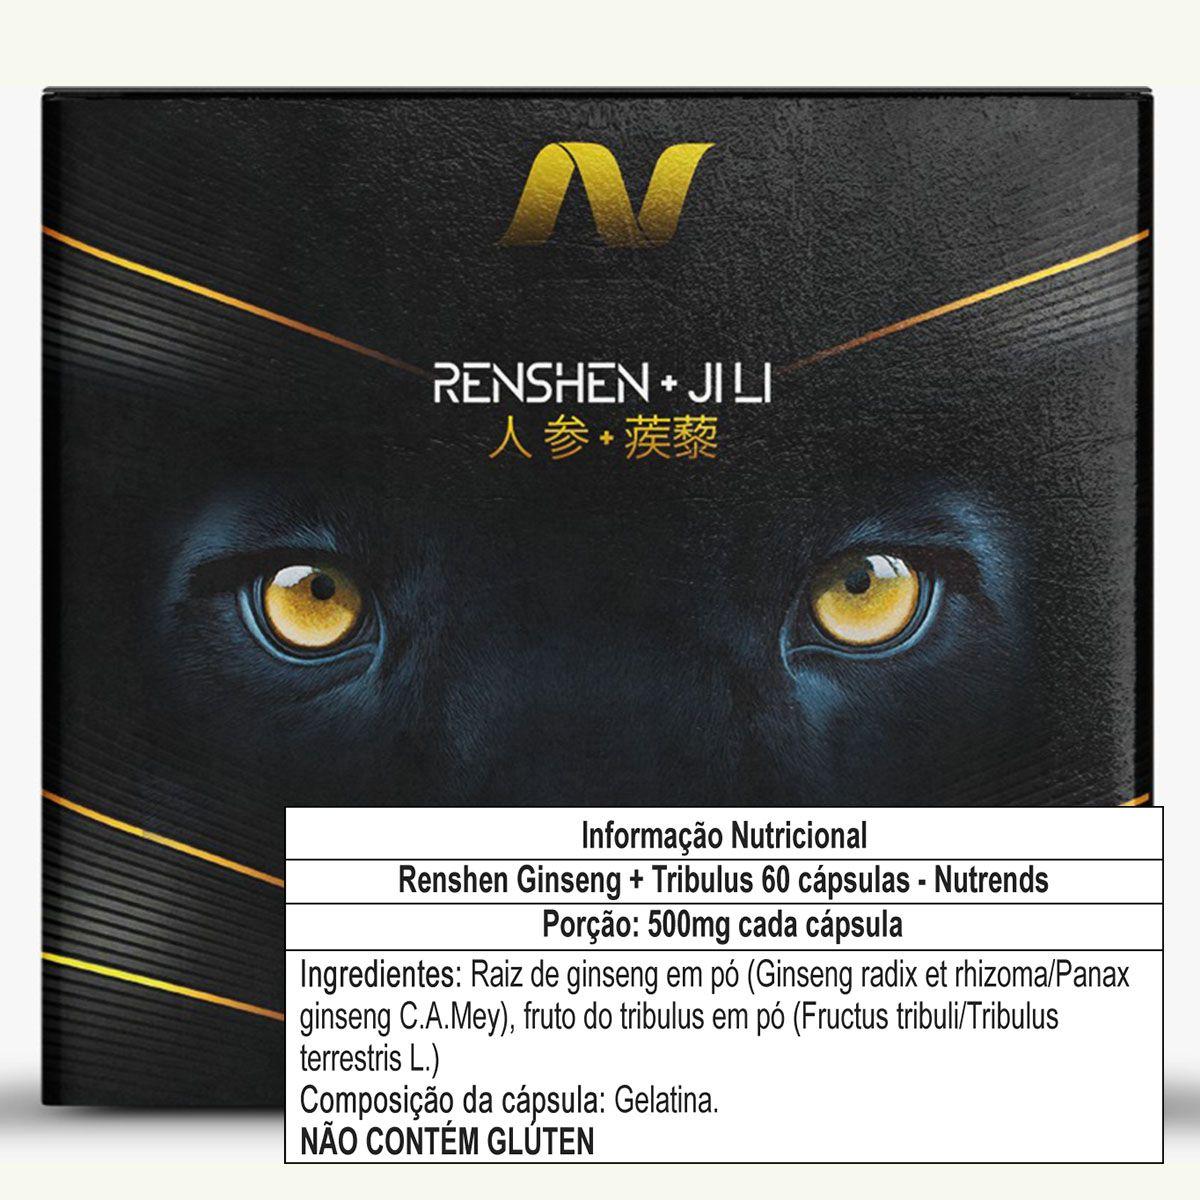 Renshen Ginseng + Tribulus 60 cápsulas - Nutrends